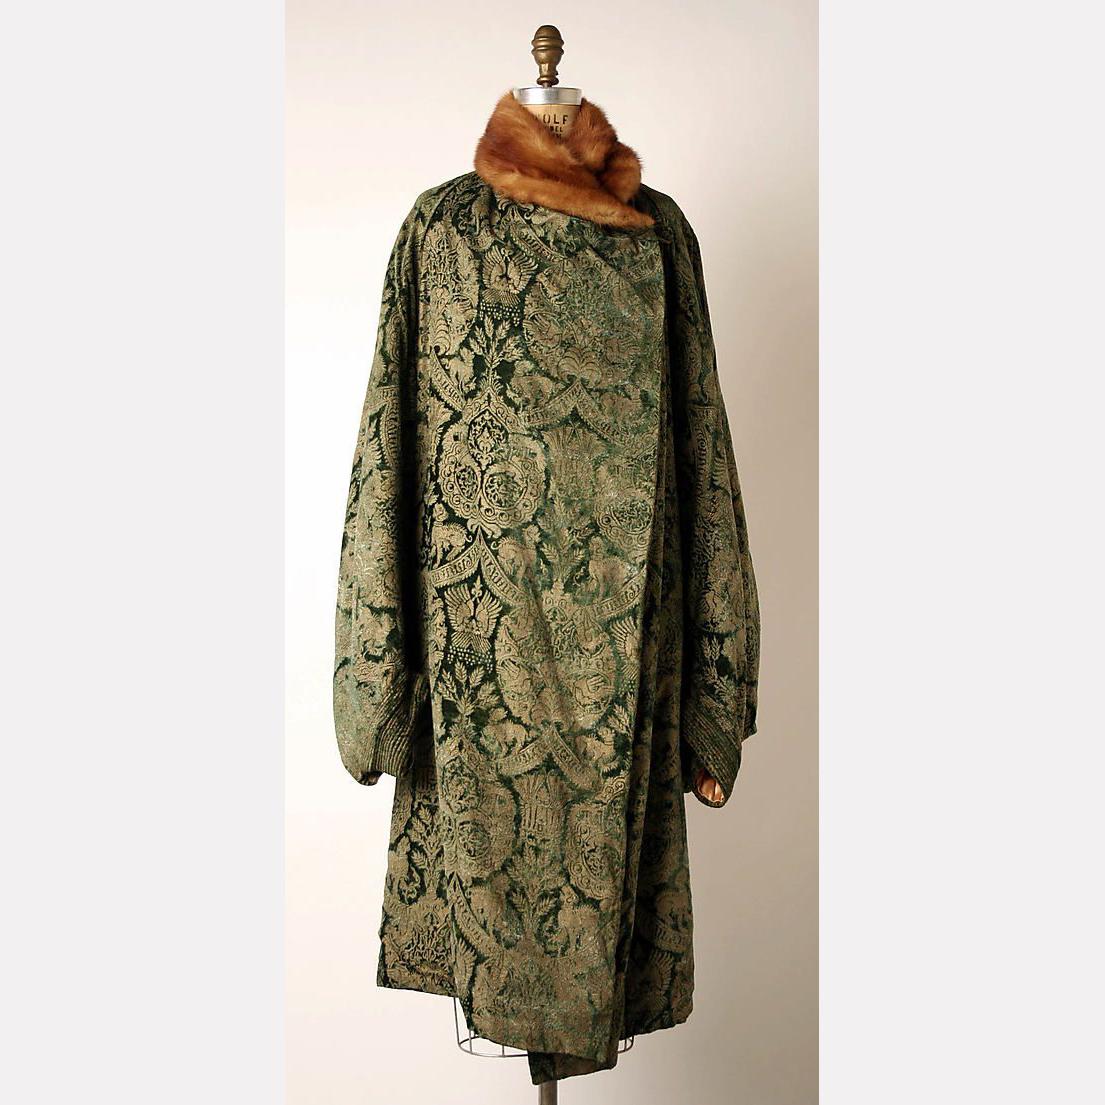 Вечернее пальто (шелк, мех), начало 1920-х, Мариано Фортуни